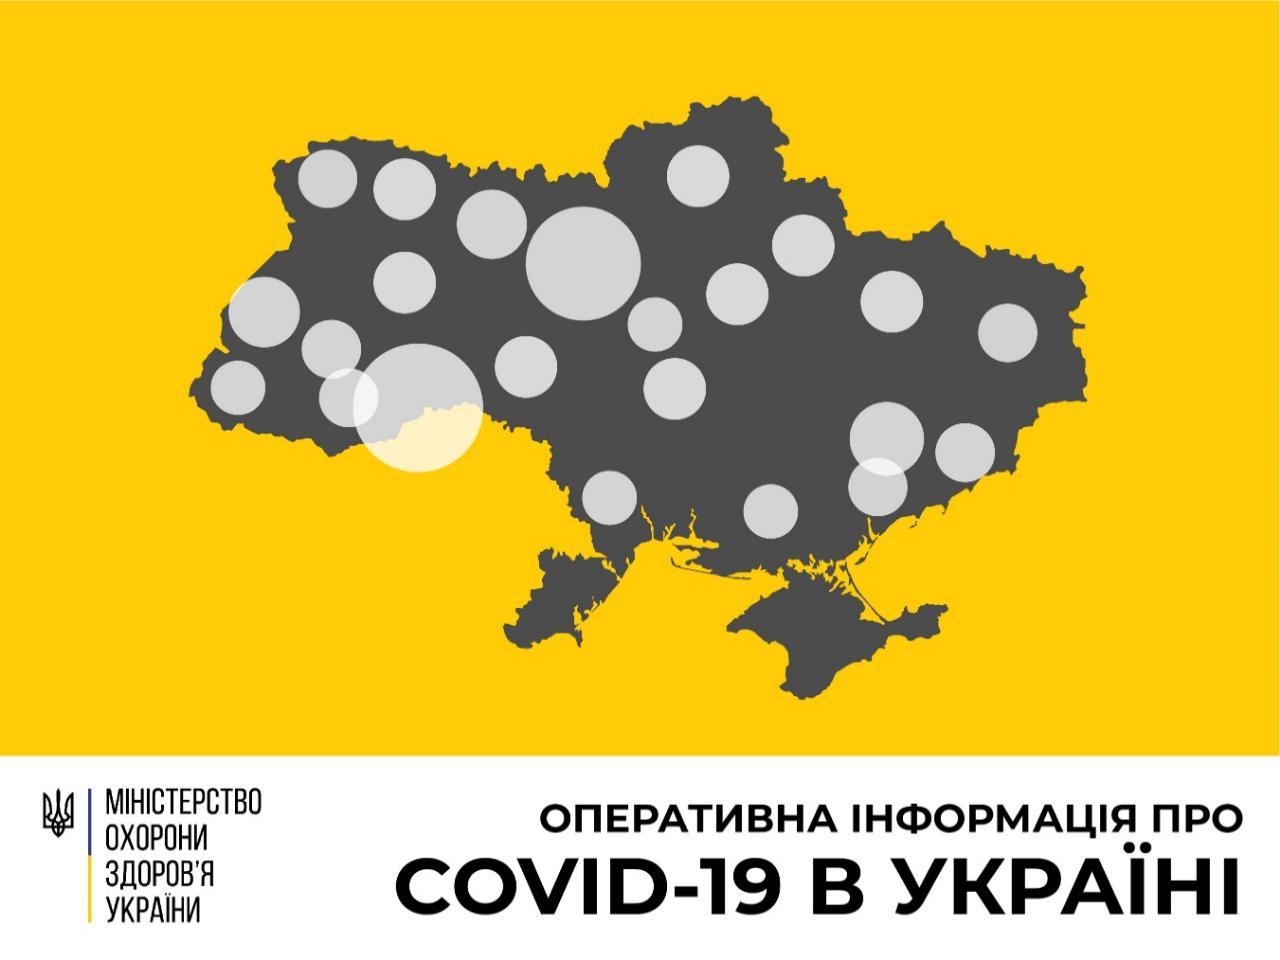 http://dunrada.gov.ua/uploadfile/archive_news/2020/04/07/2020-04-07_5340/images/images-24931.jpg